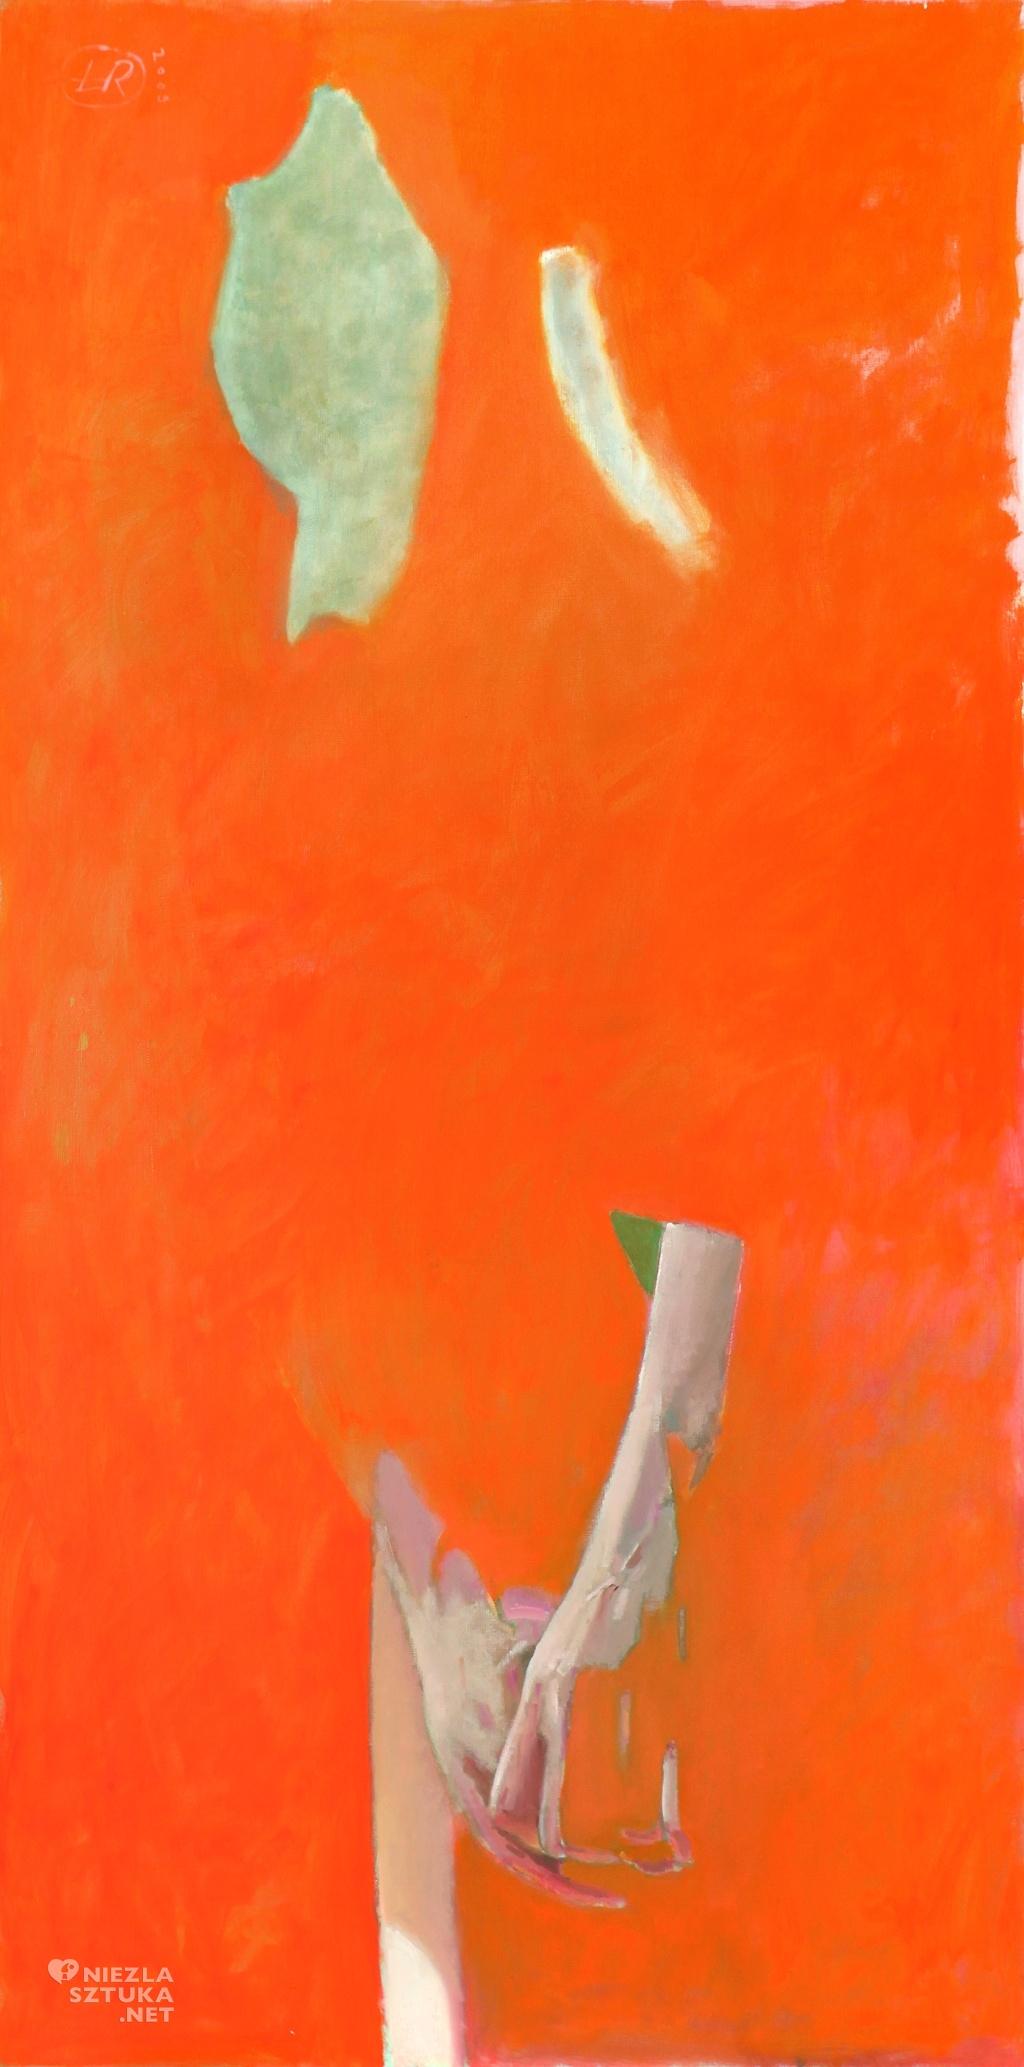 n-figura pomarańczowa   2009